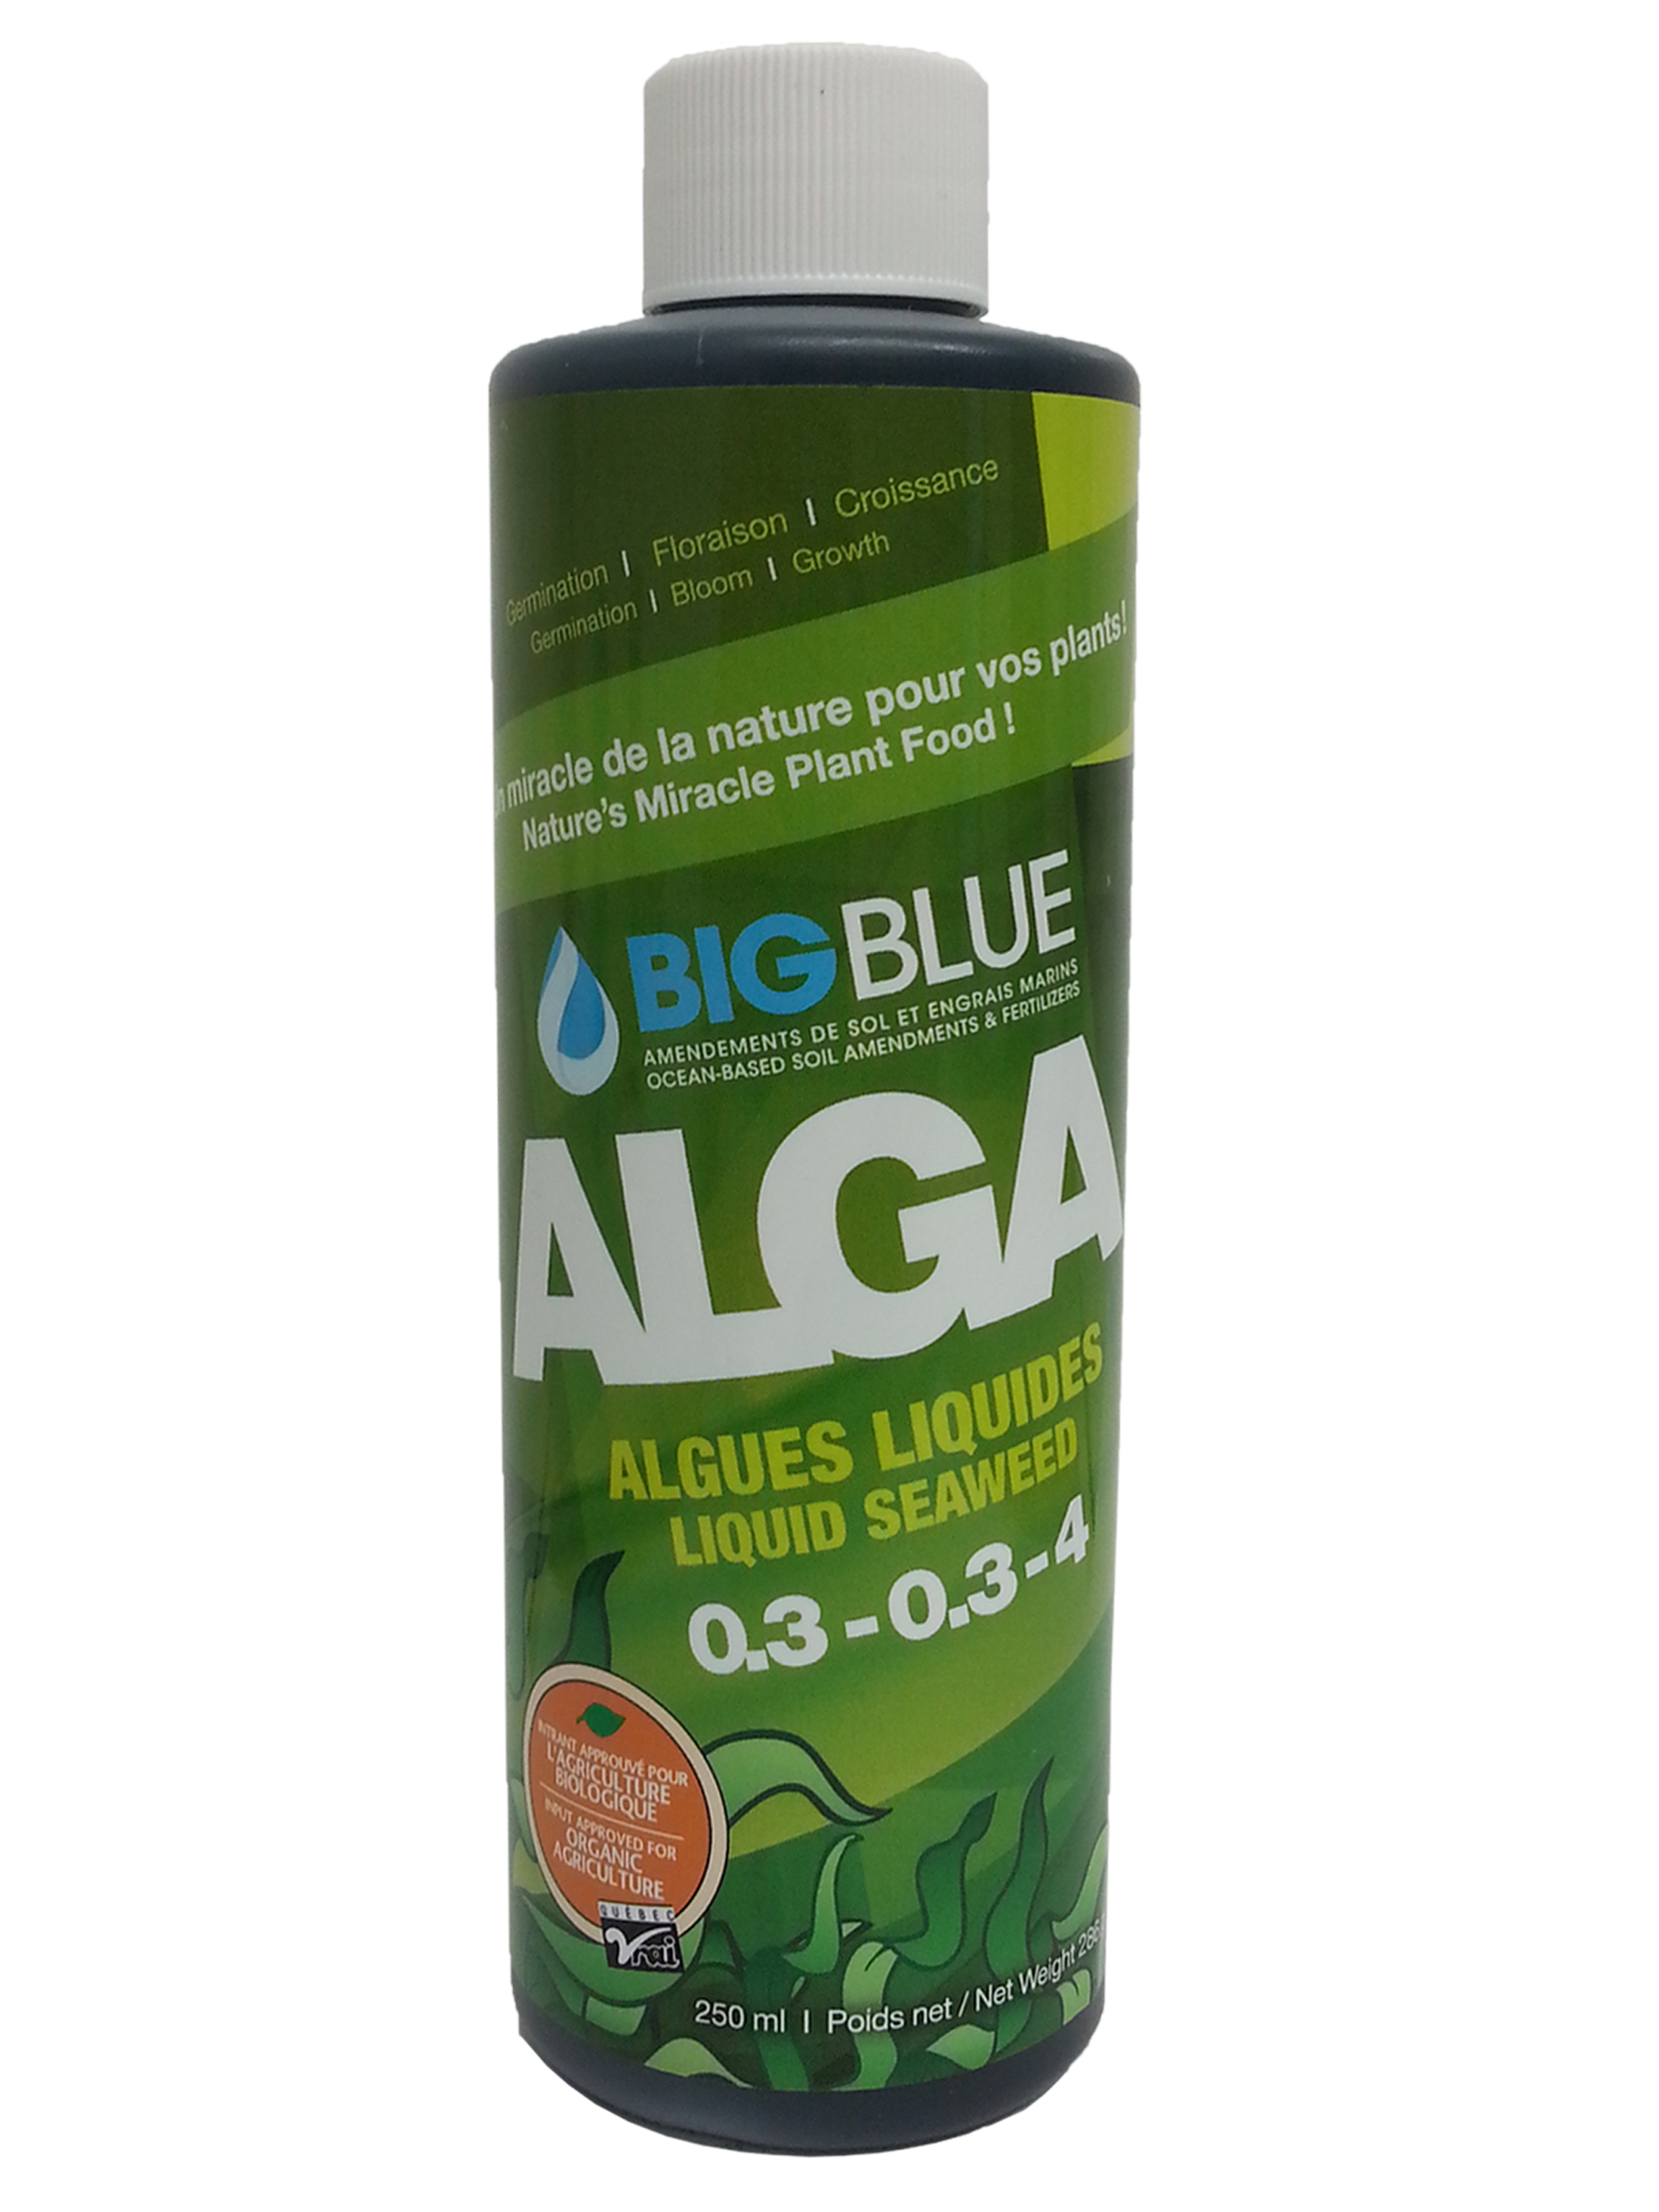 Alga250ml